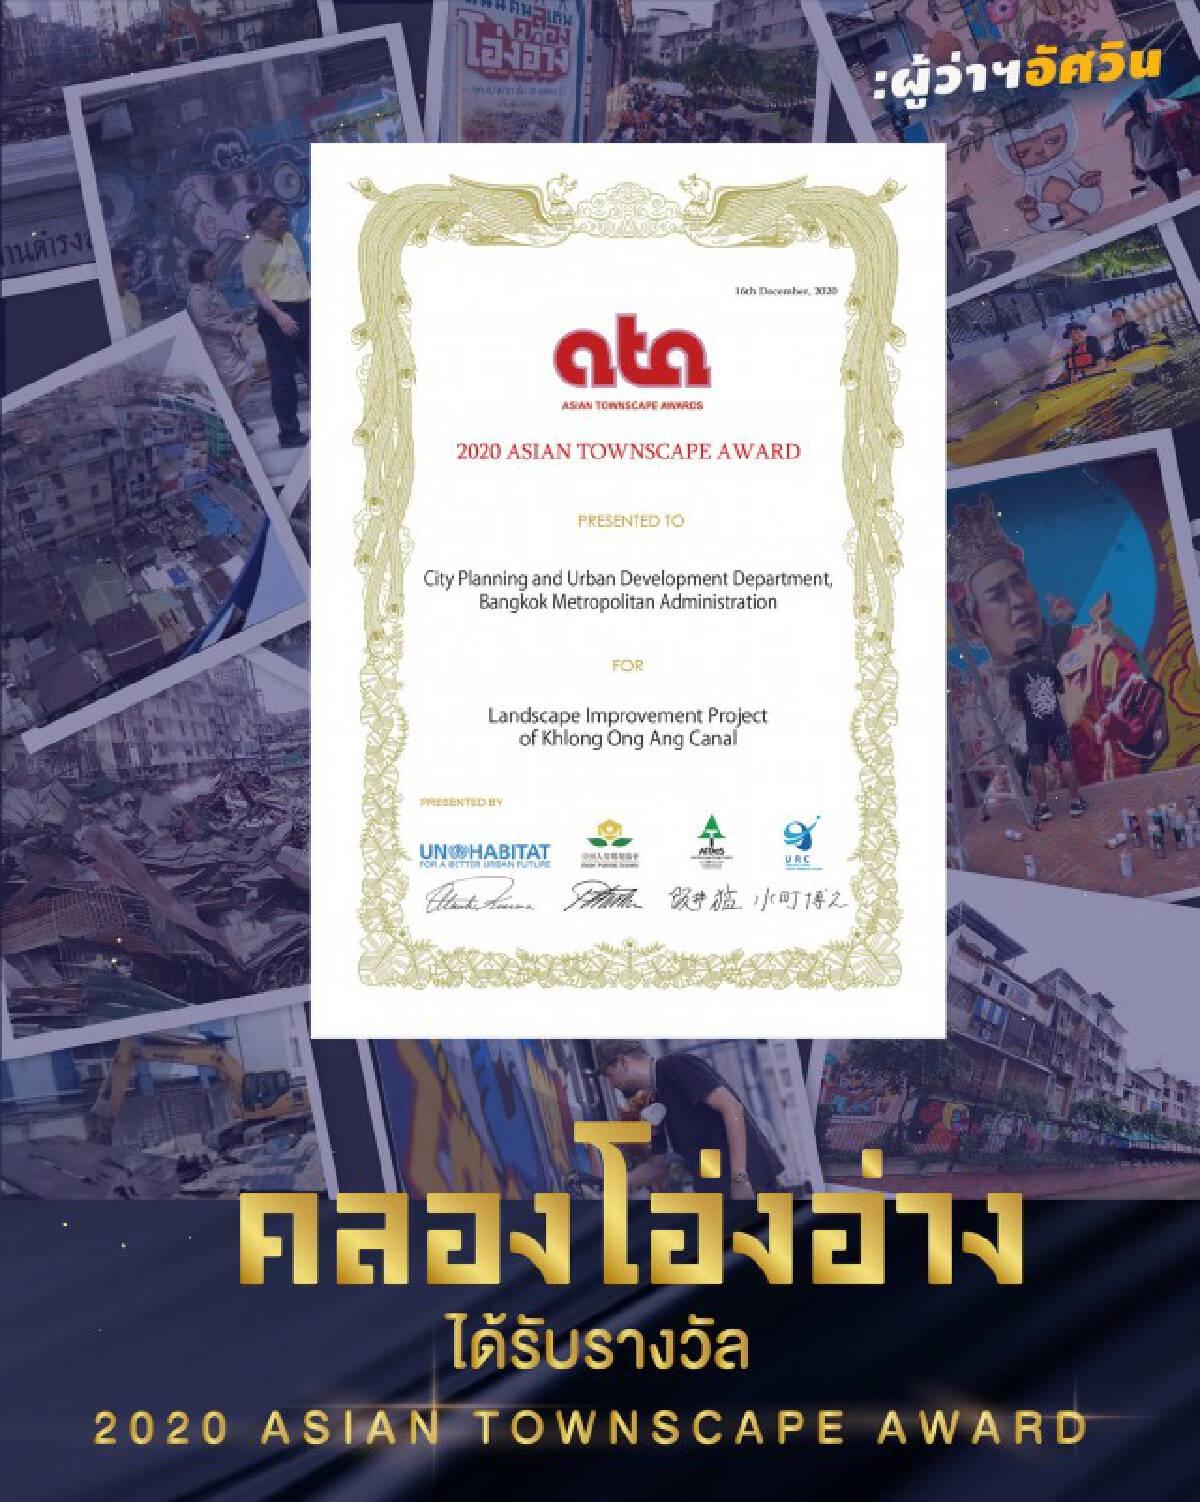 """ผู้ว่าฯอัศวิน เผยข่าวดี """"คลองโอ่งอ่าง"""" คว้ารางวัล 2020 Asian Townscape Awards"""